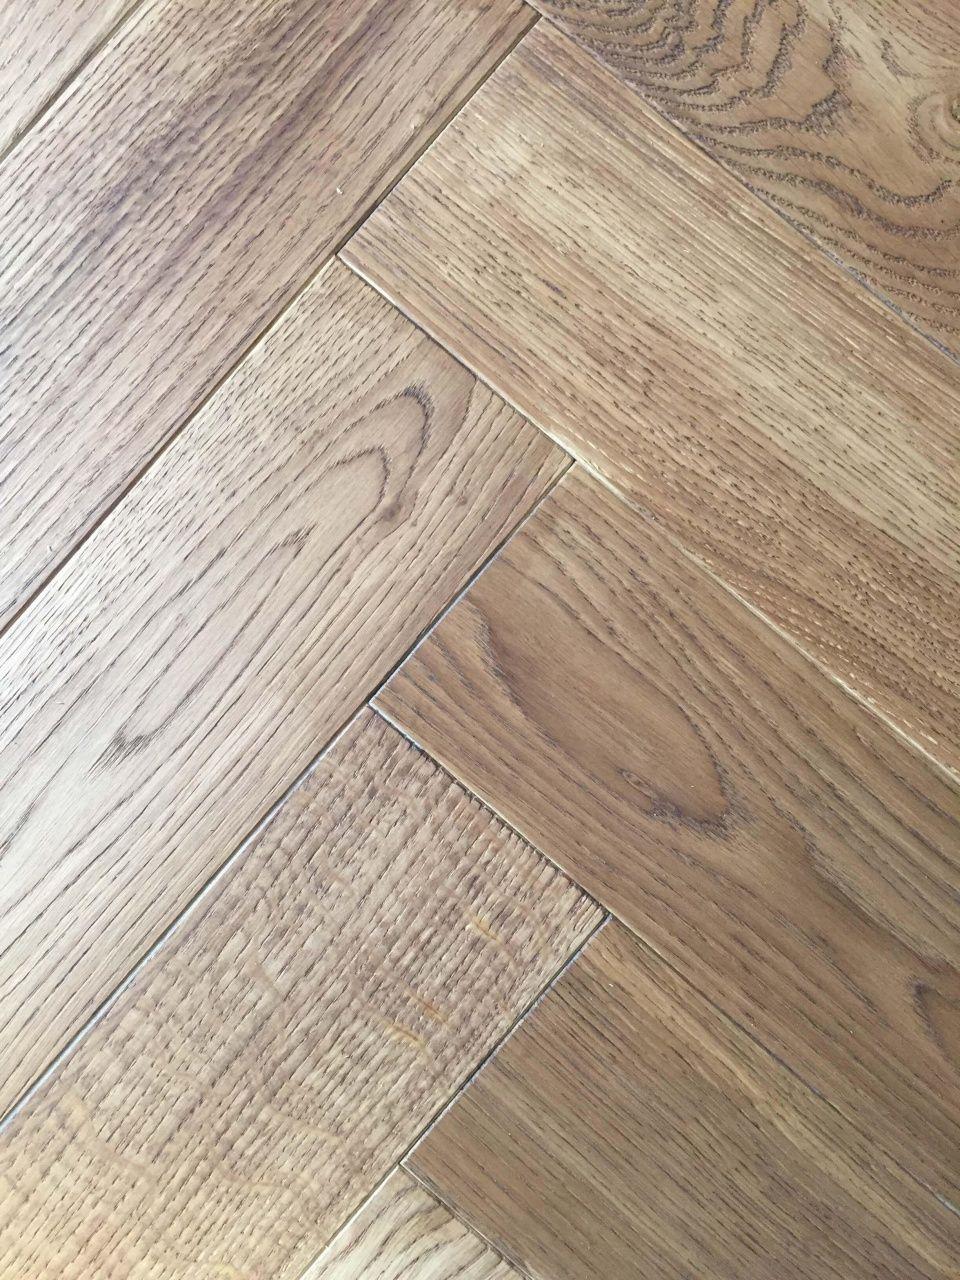 Engineered Hardwood vs Laminate Flooring Learn the